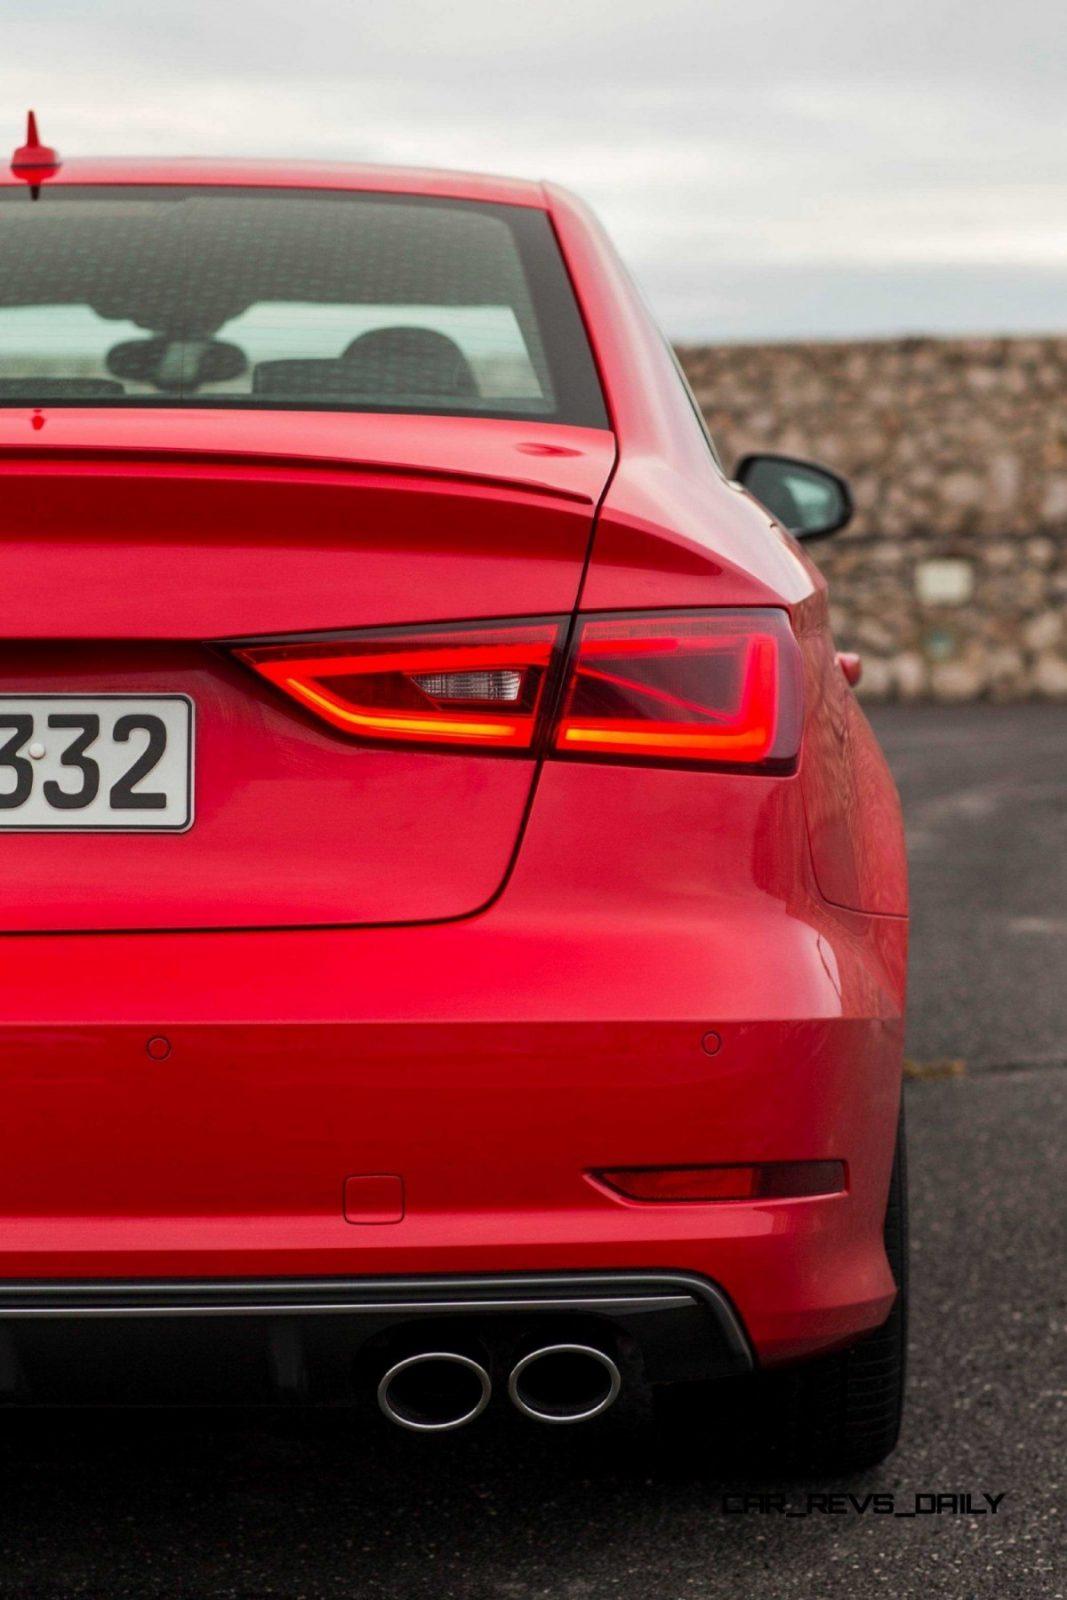 CarRevsDaily - 2015 Audi S3 Exterior 35